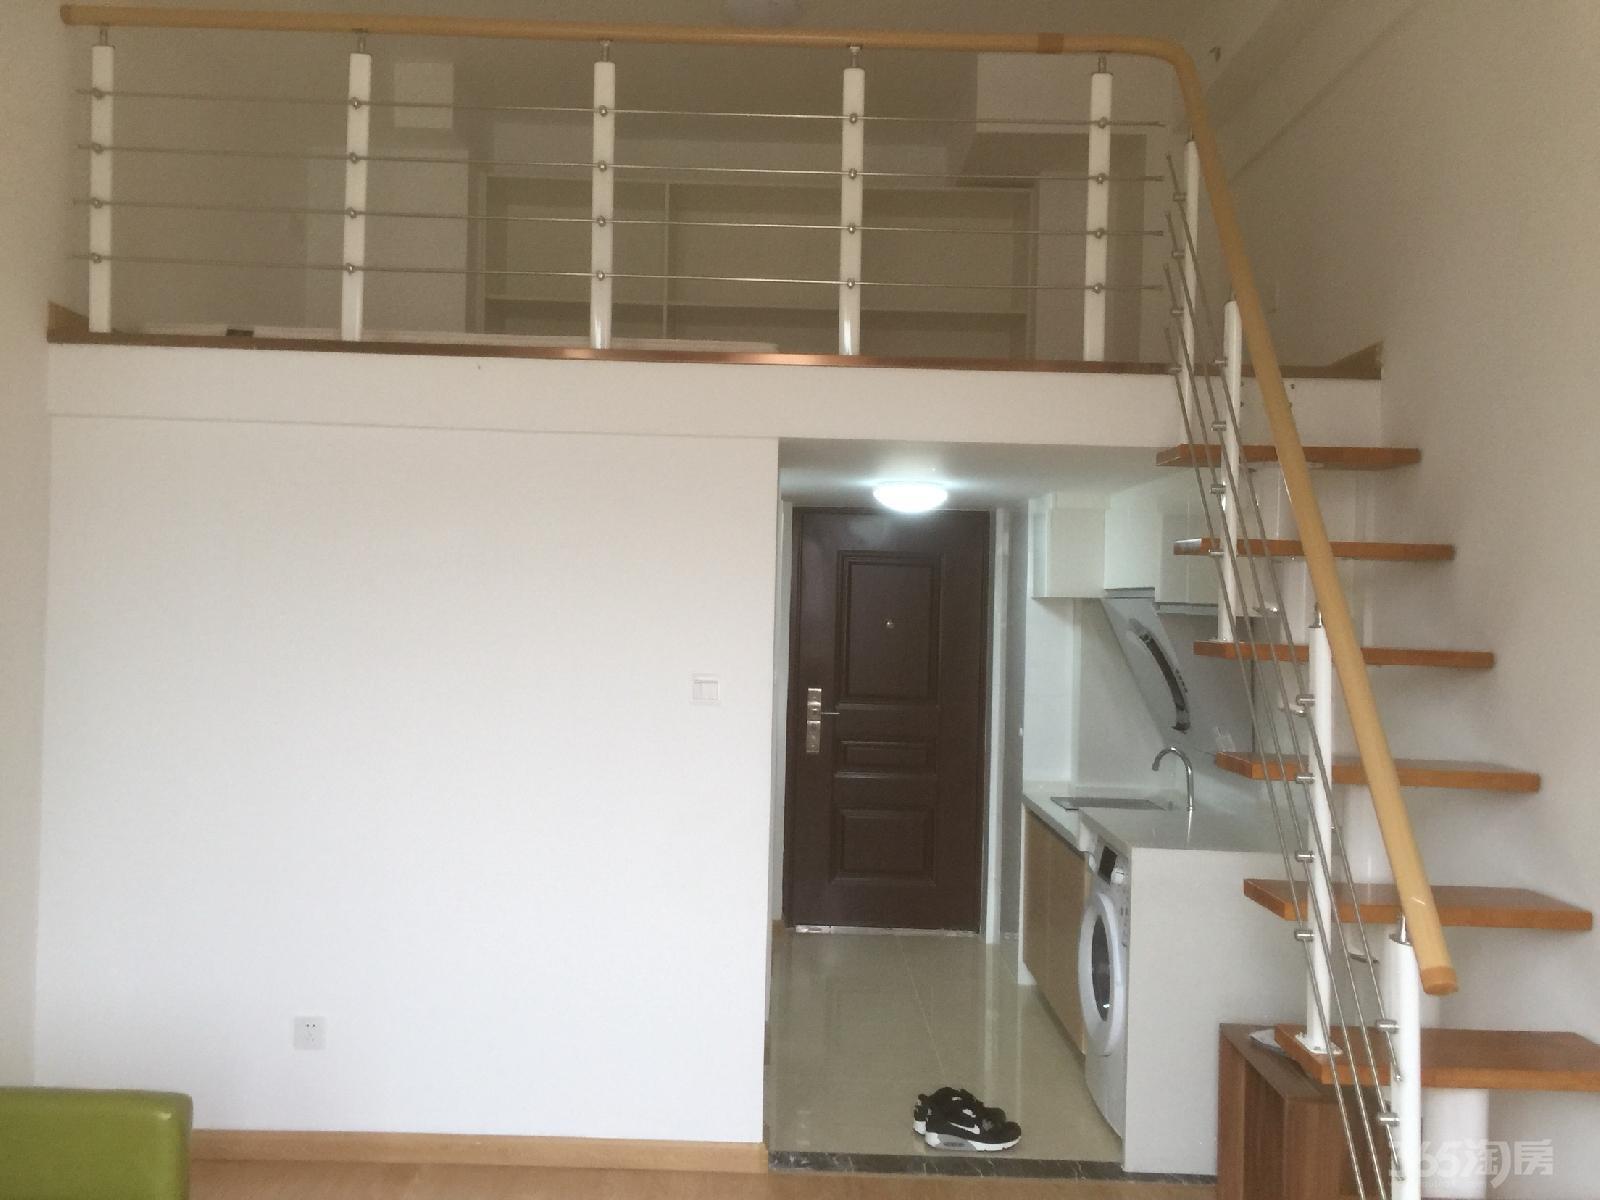 中南世纪雅苑1室1厅1卫38平米整租豪华装